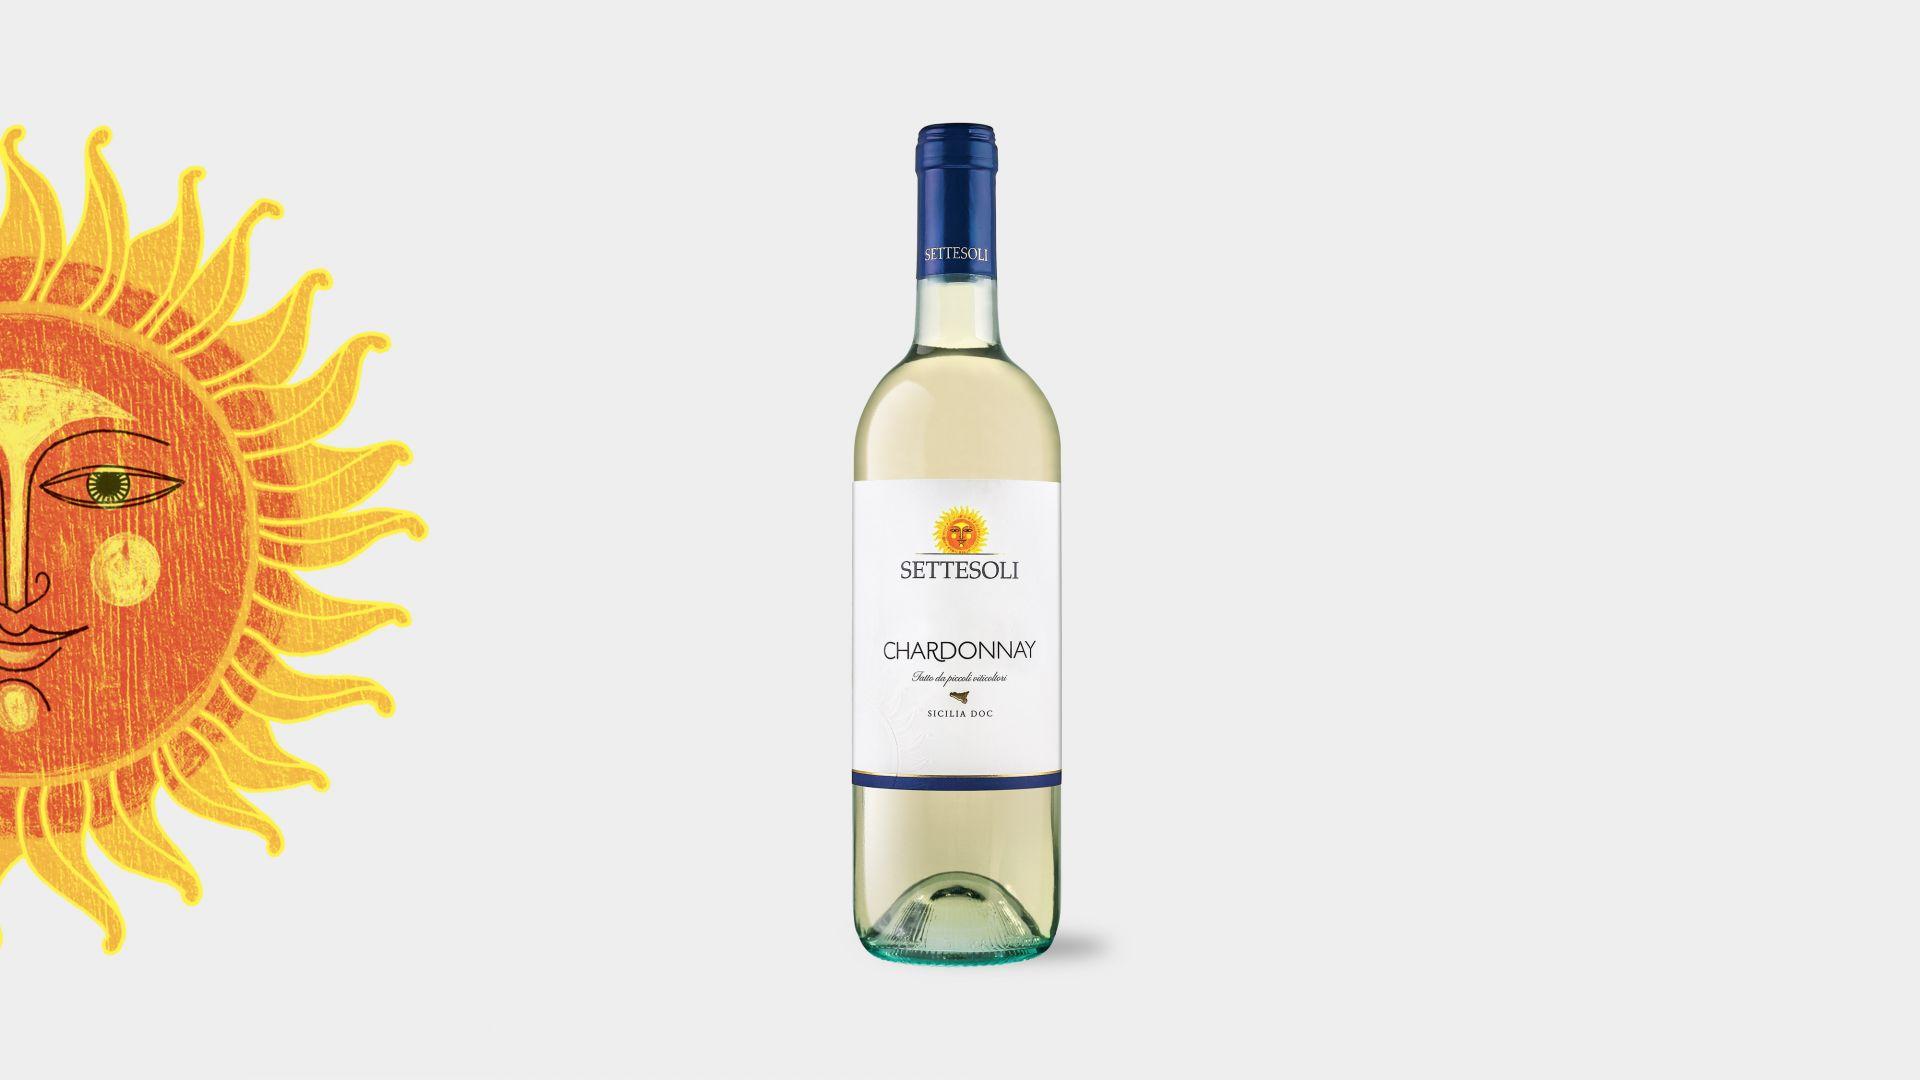 Settesoli - Chardonnay